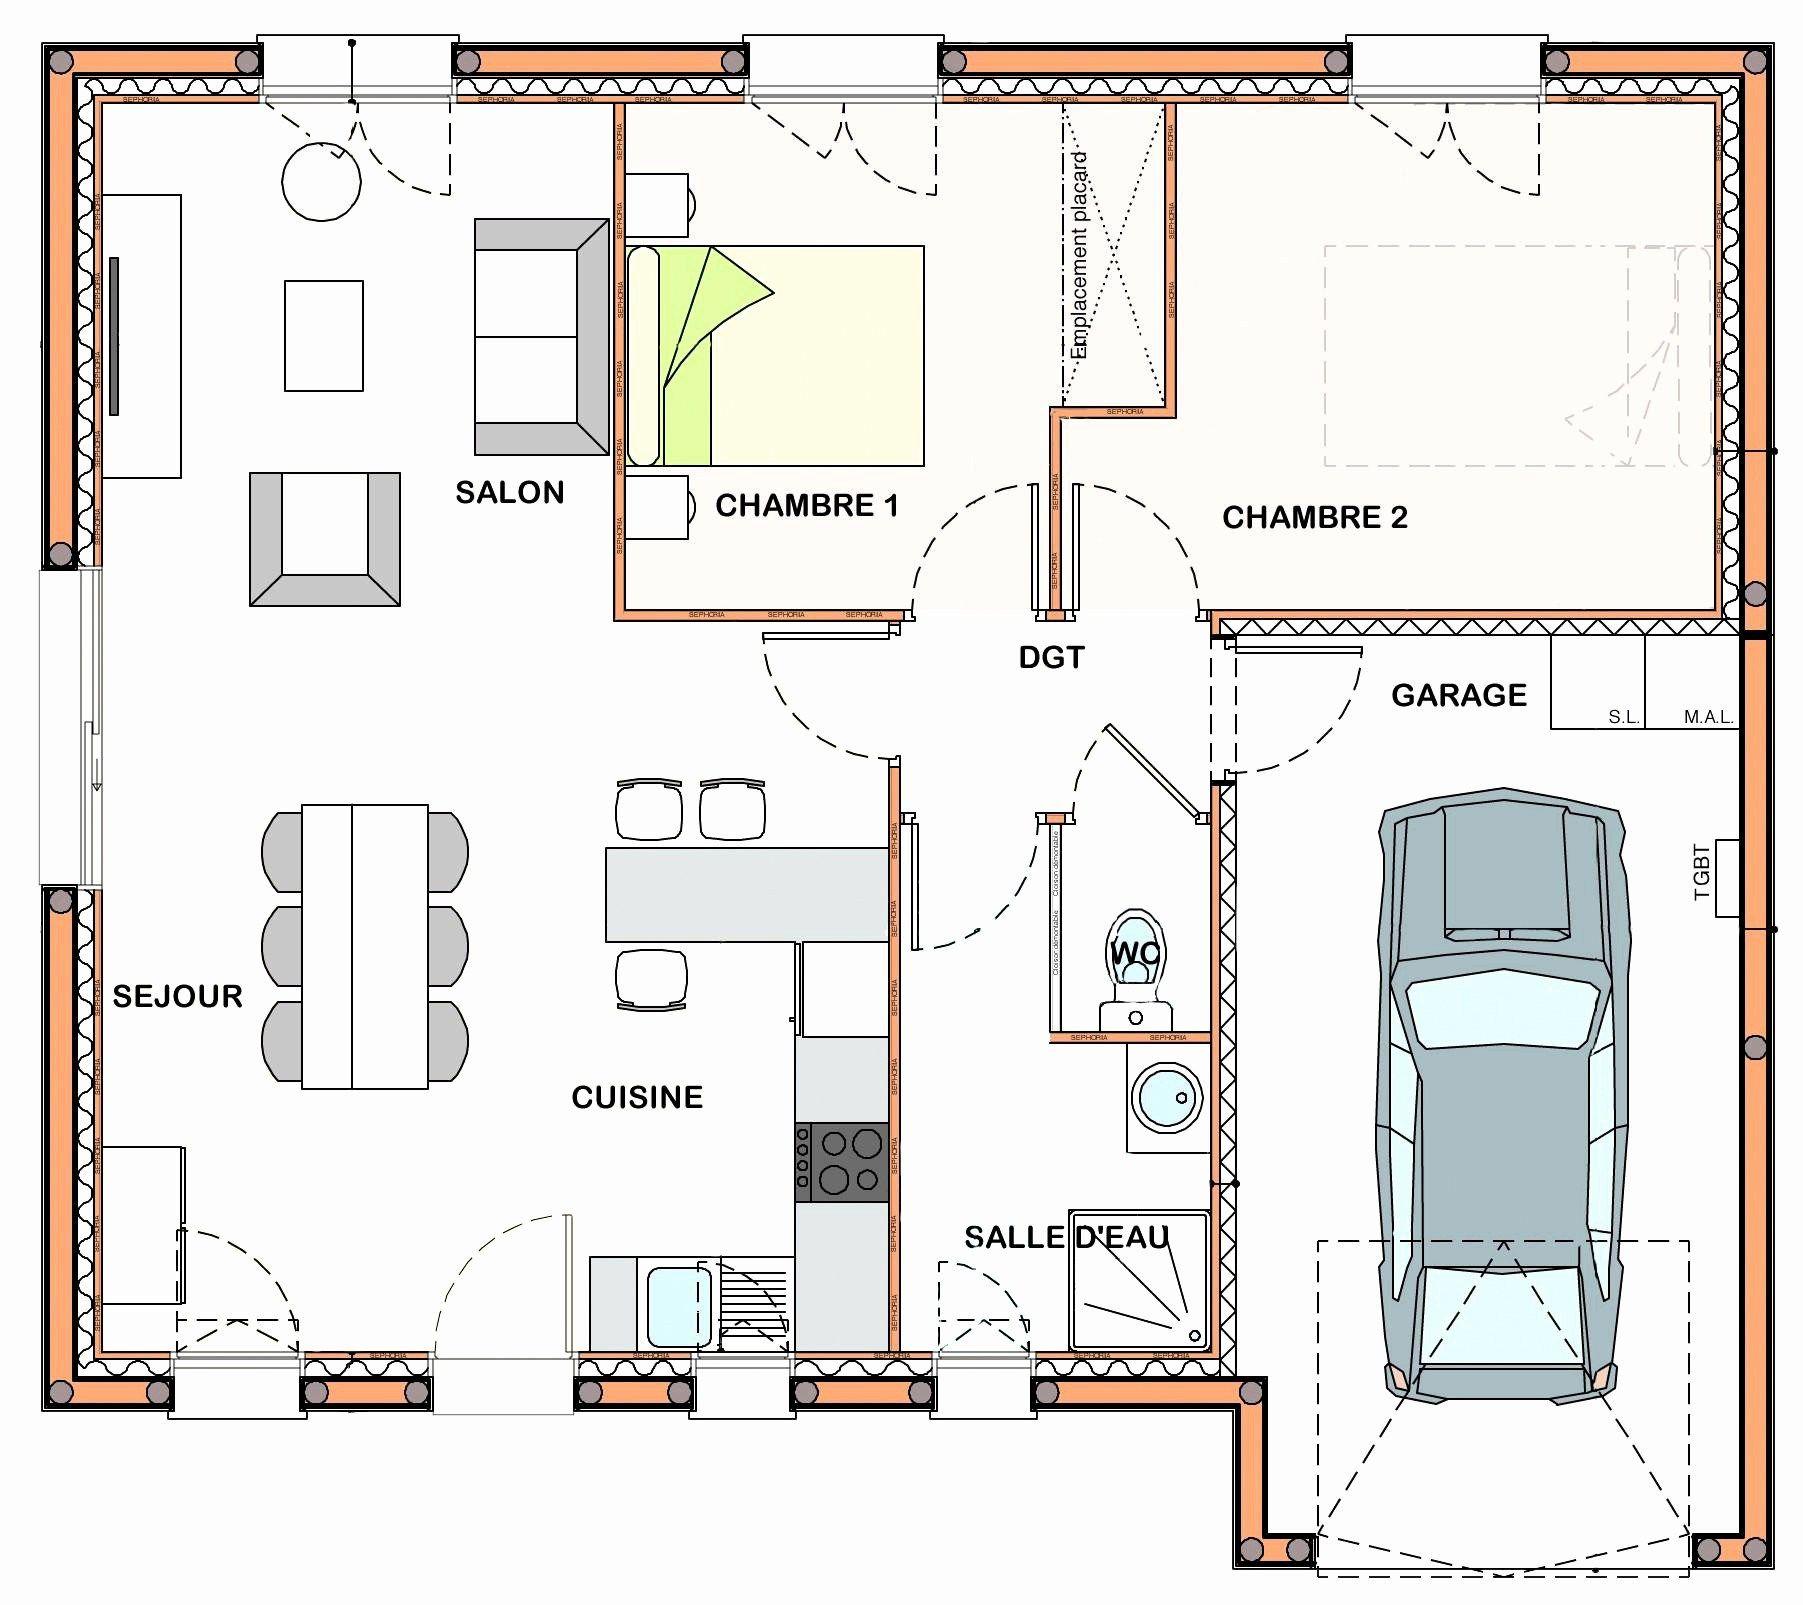 34 Plan Maison 50m2 2 Chambres Plan De La Maison Plan De Maison Rectangulaire Plan Maison Contemporaine Plan Maison Plain Pied